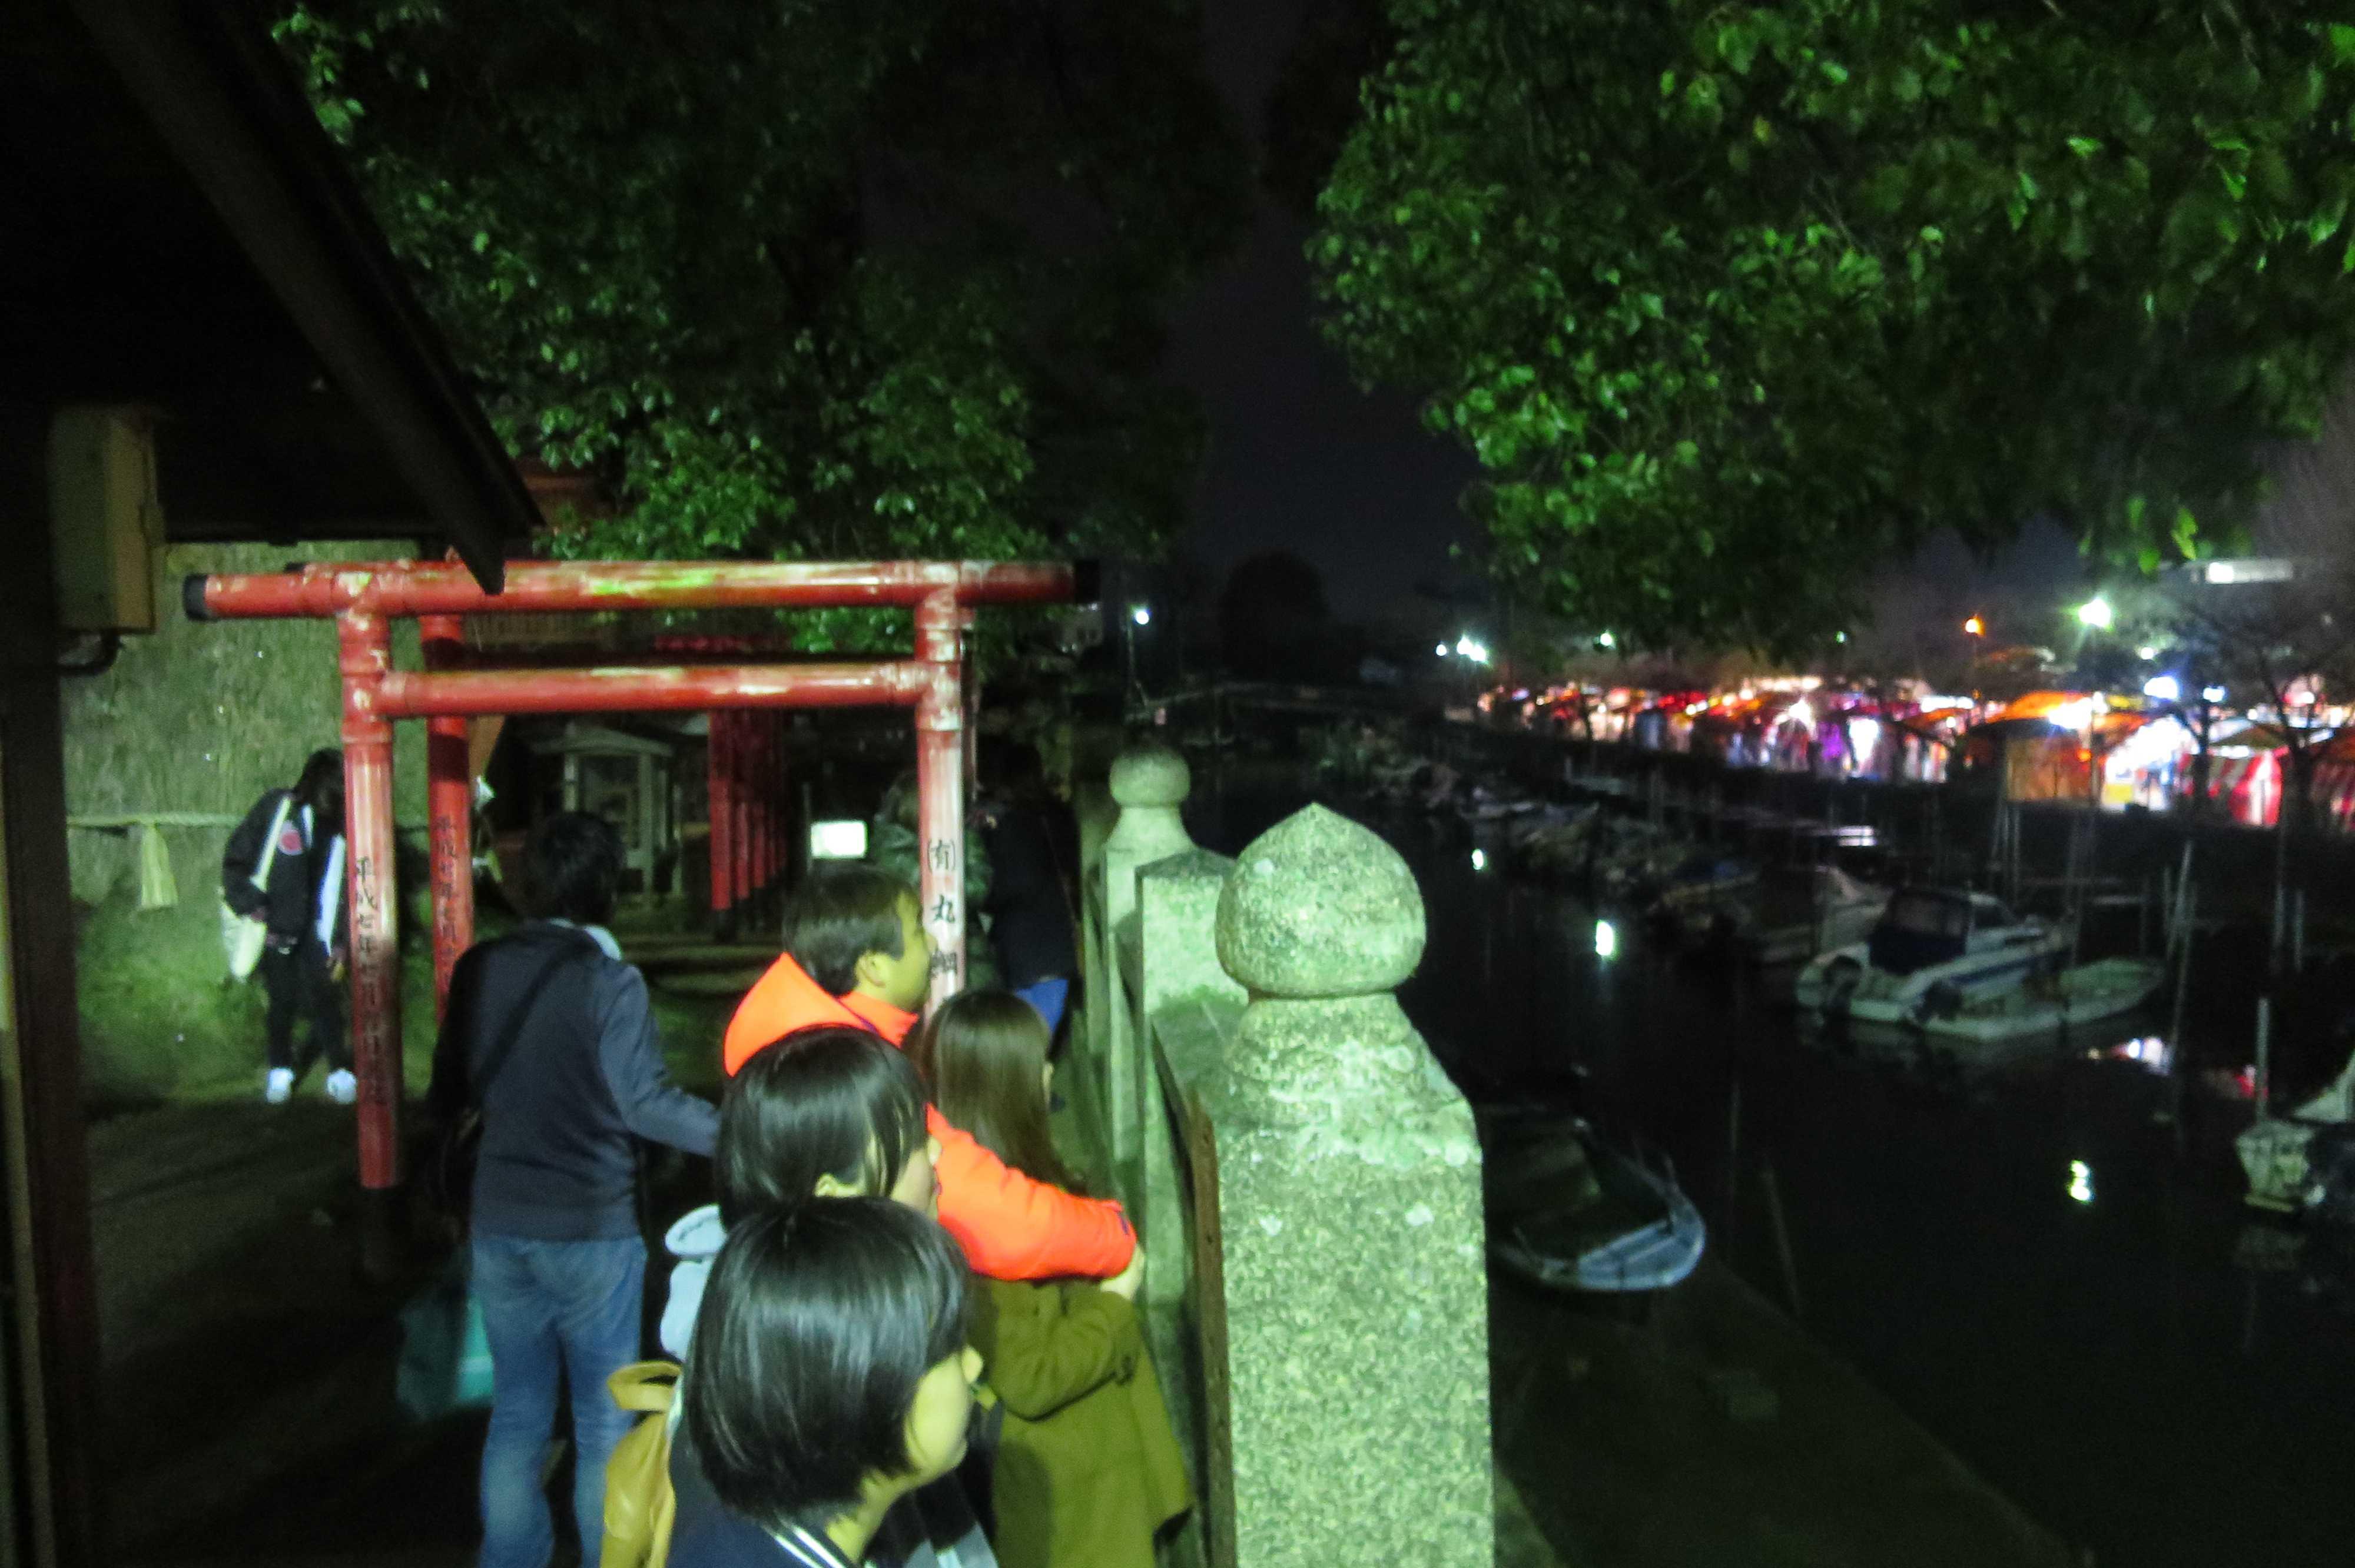 西大寺・稲荷神社の鳥居の前で会陽冬花火を眺める人たち